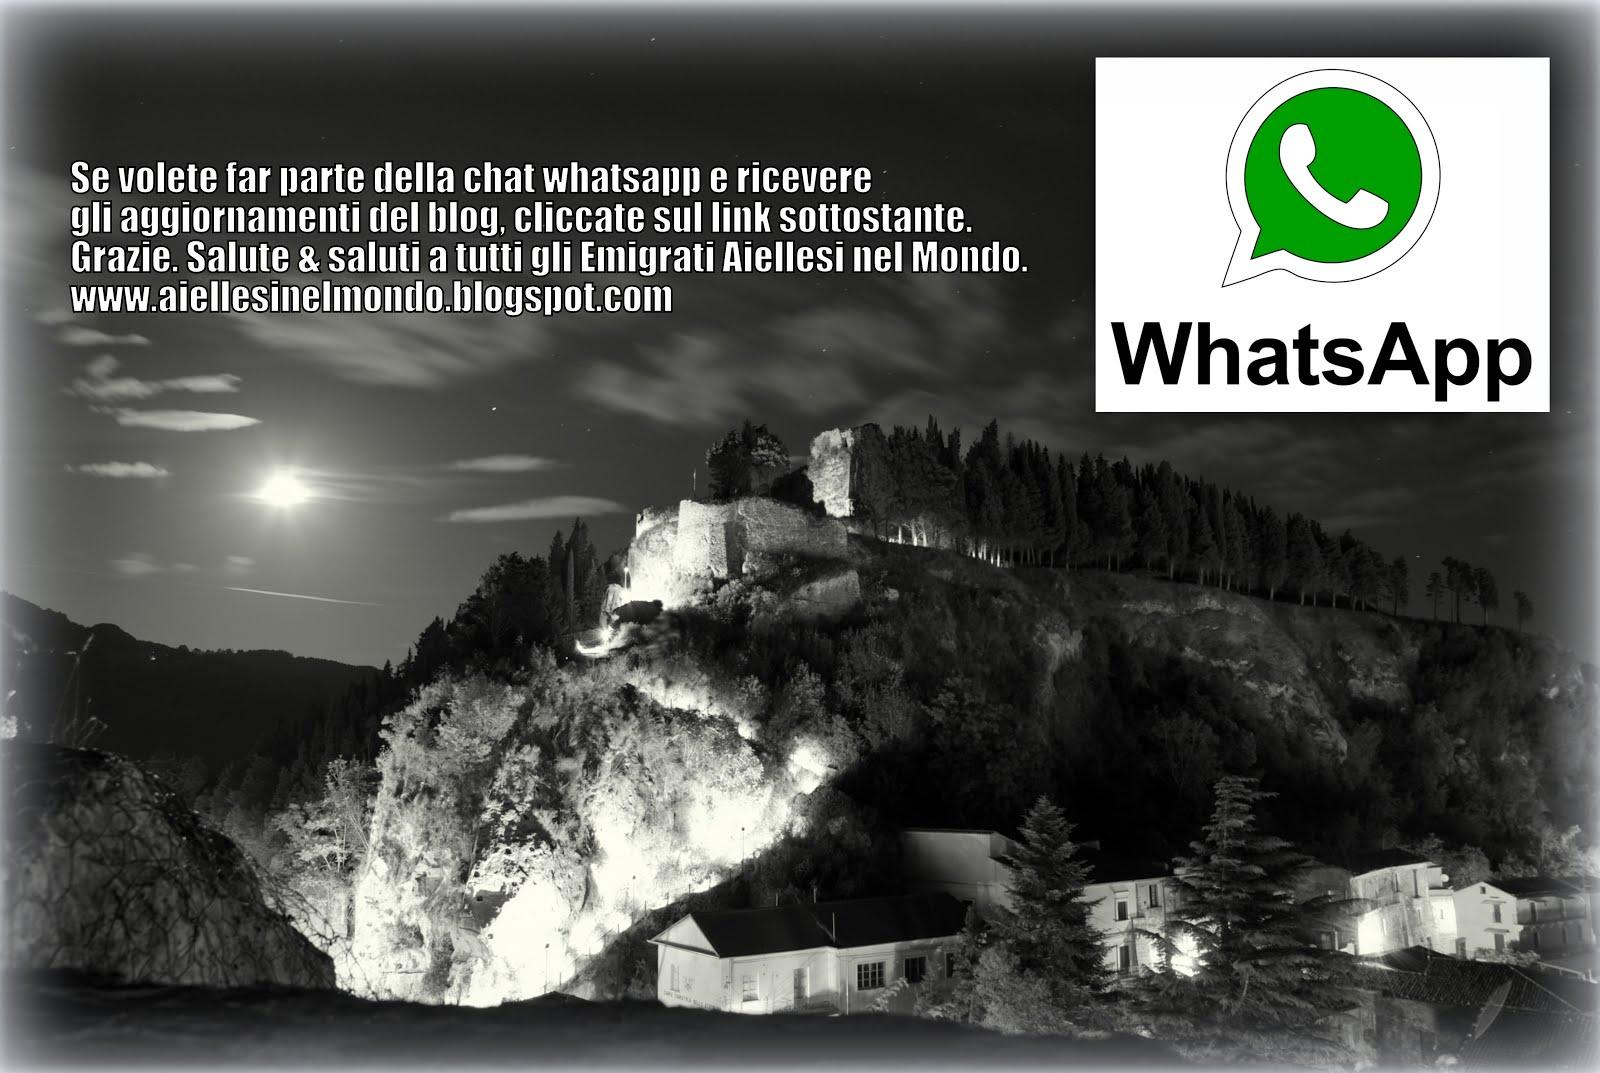 """Canale Whatsapp """"Aiellesi nel Mondo"""""""